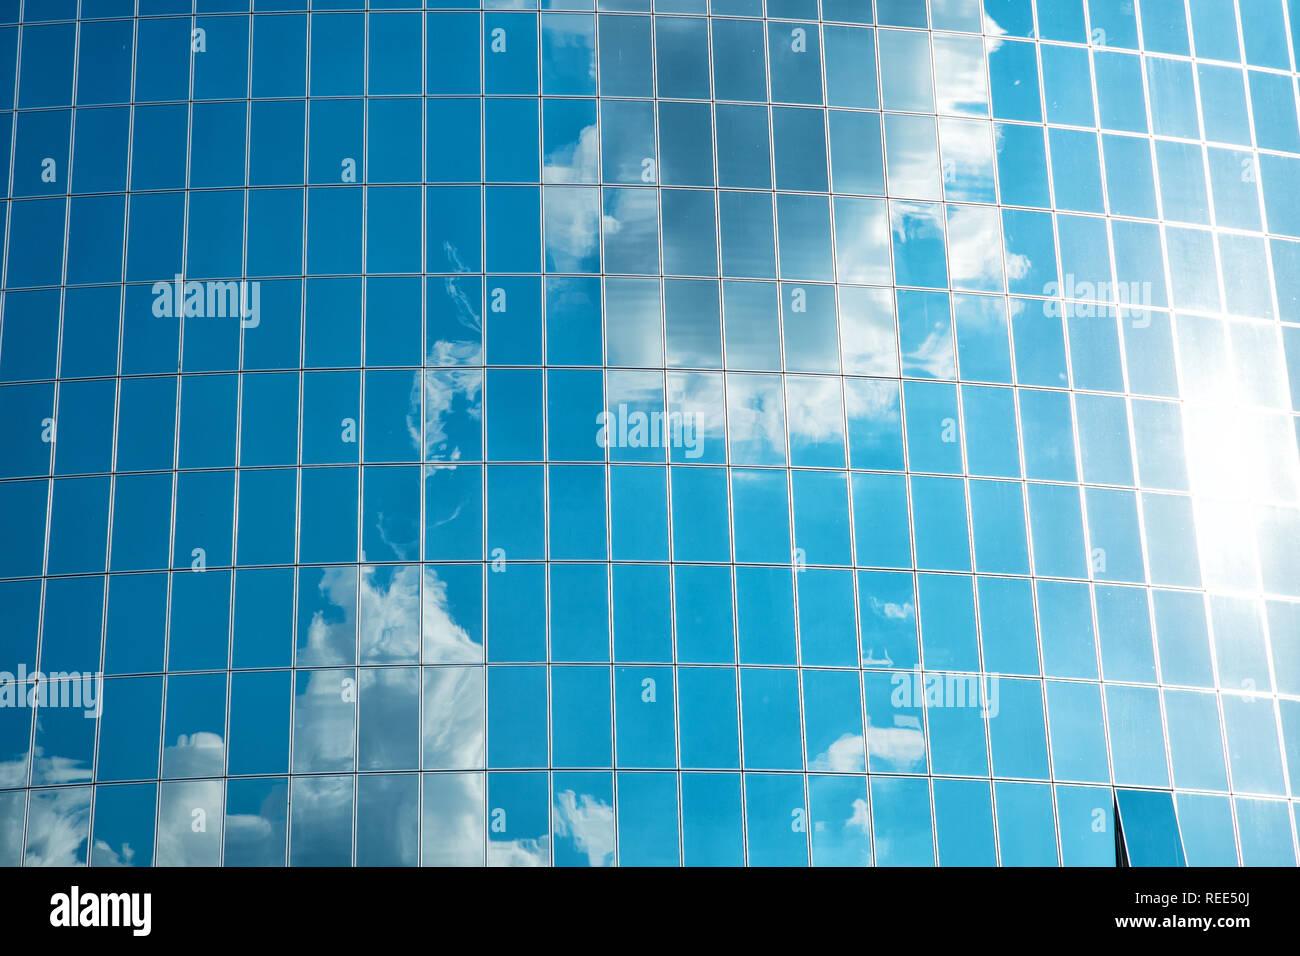 Nuvole riflettono sulla facciata in vetro e la parete dell'edificio. Nuvoloso cielo blu riflessione in Windows. Moderna architettura di vetro. Fondo di architettura. struttura e design. Futuro e dello sviluppo. Foto Stock